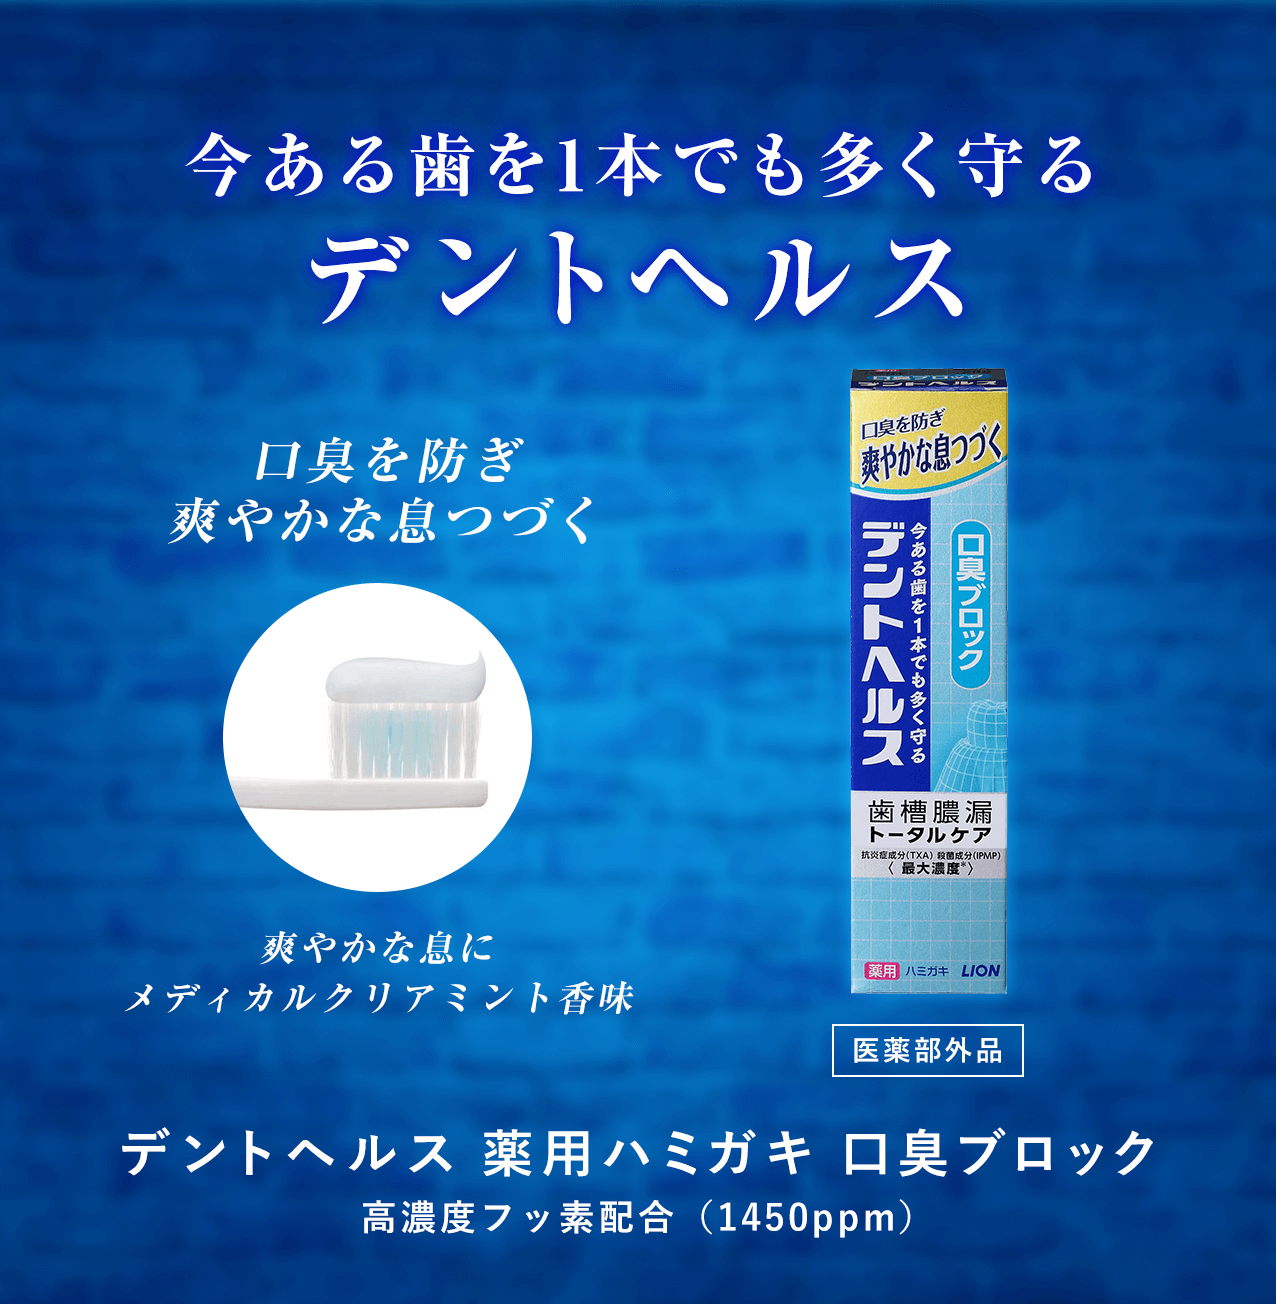 今ある歯を1本でも多く守る デントヘルス デントヘルス 薬用ハミガキ 口臭ブロック高濃度フッ素配合(1450ppm)